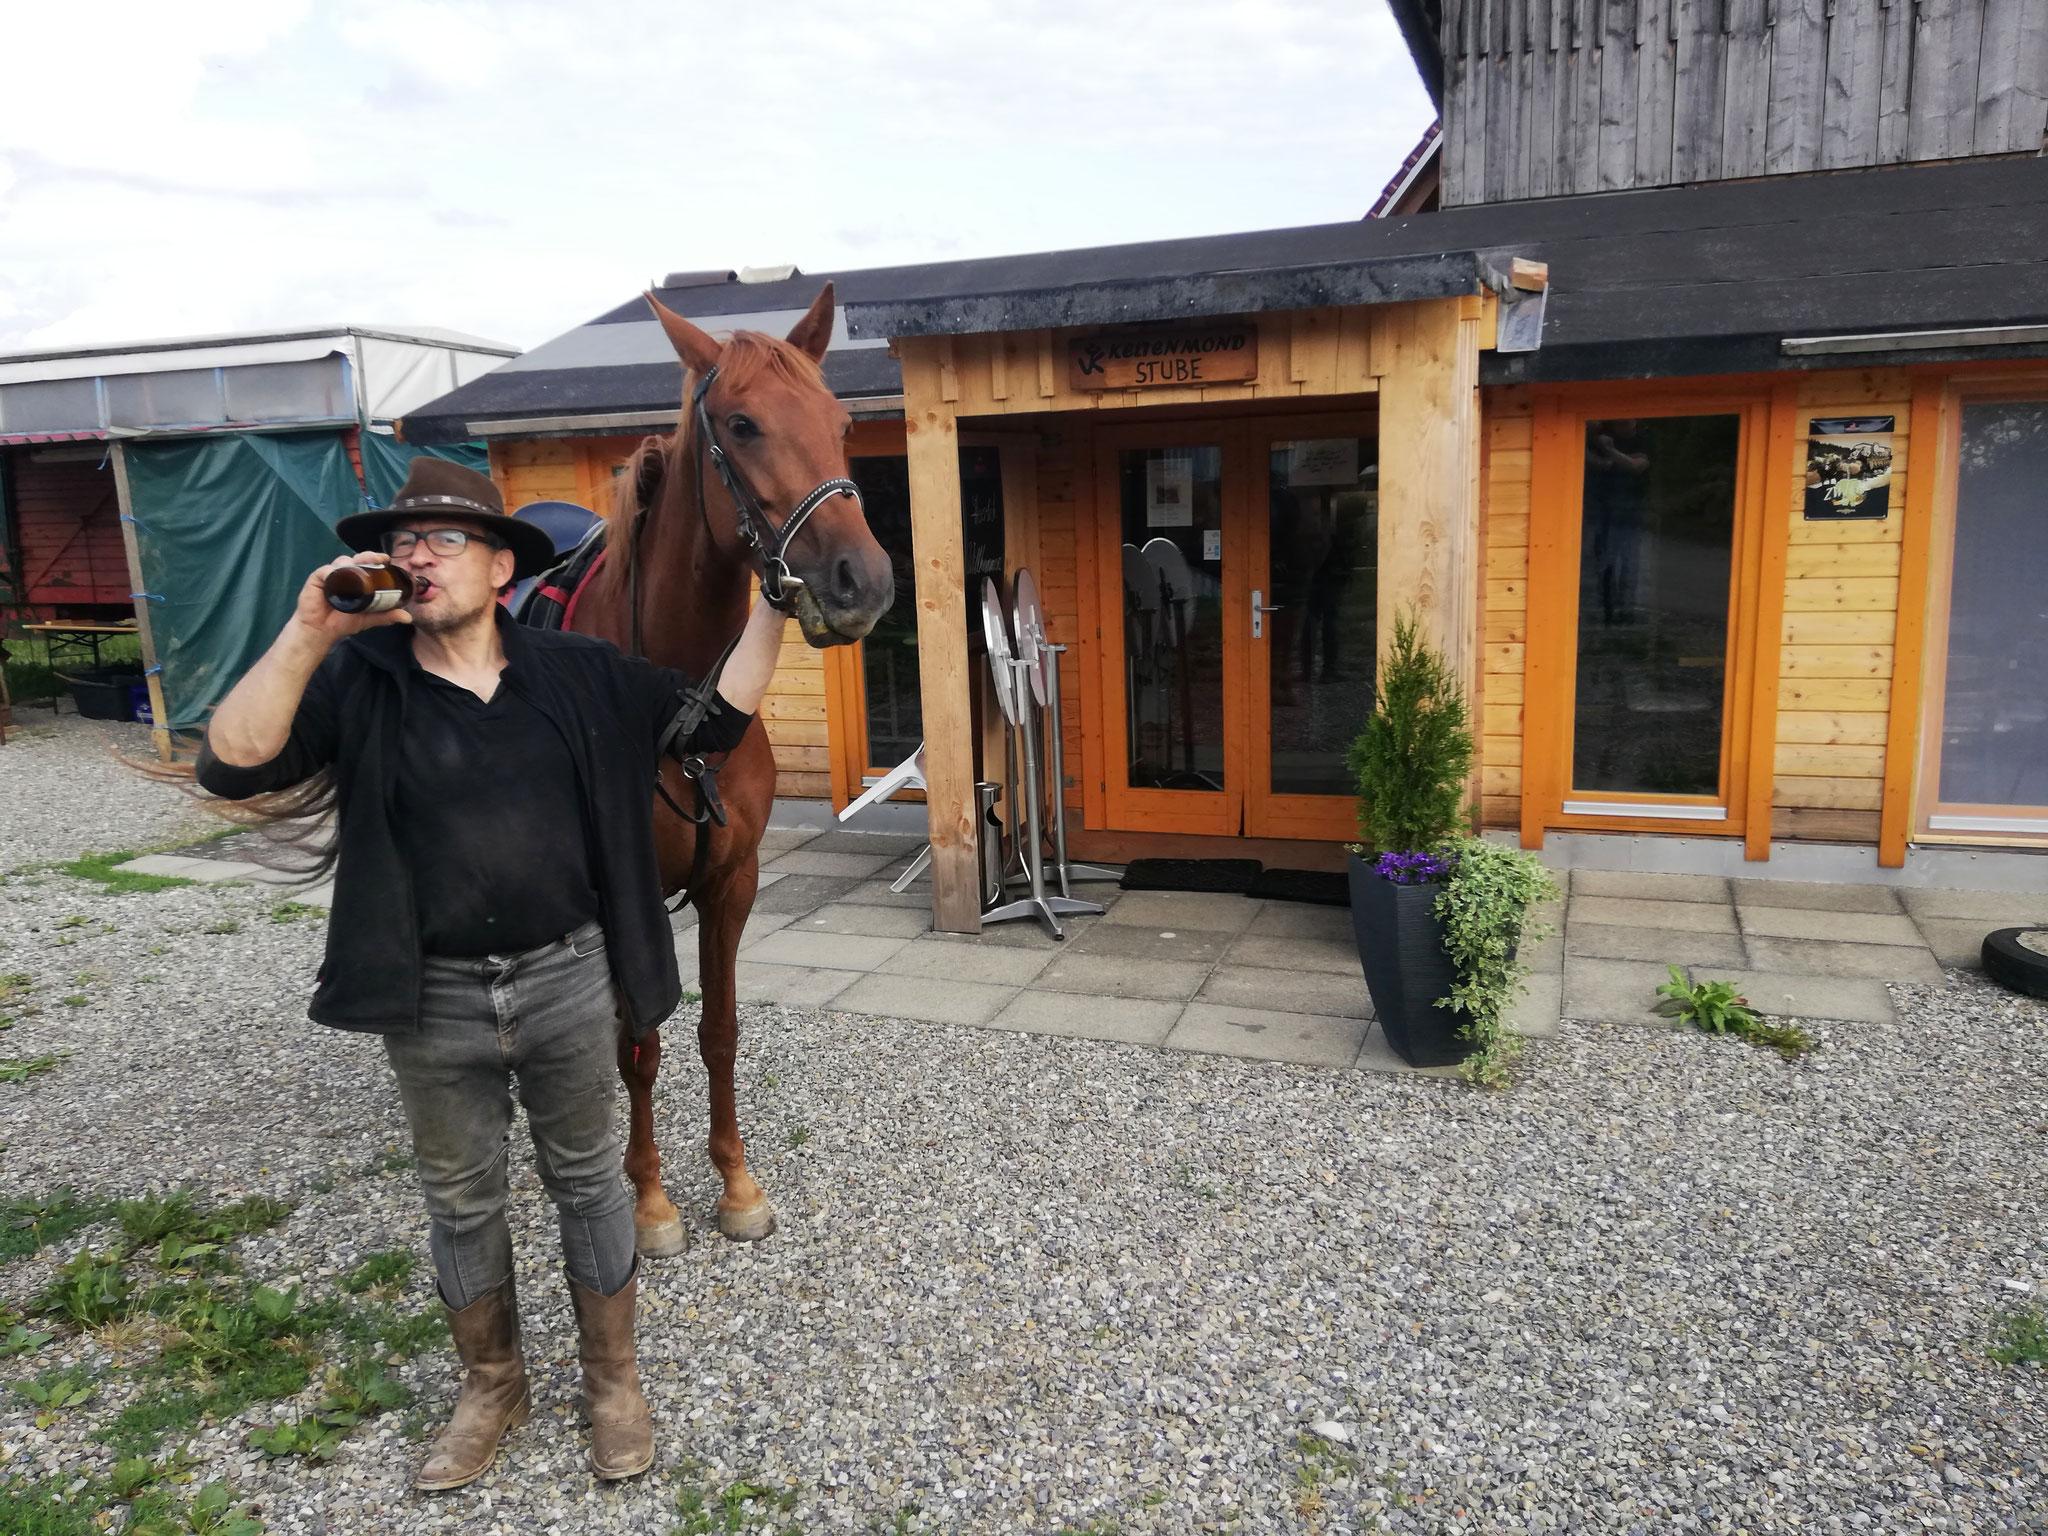 Kaltes Bier für den Reiter und eine Möhre für das Pferd